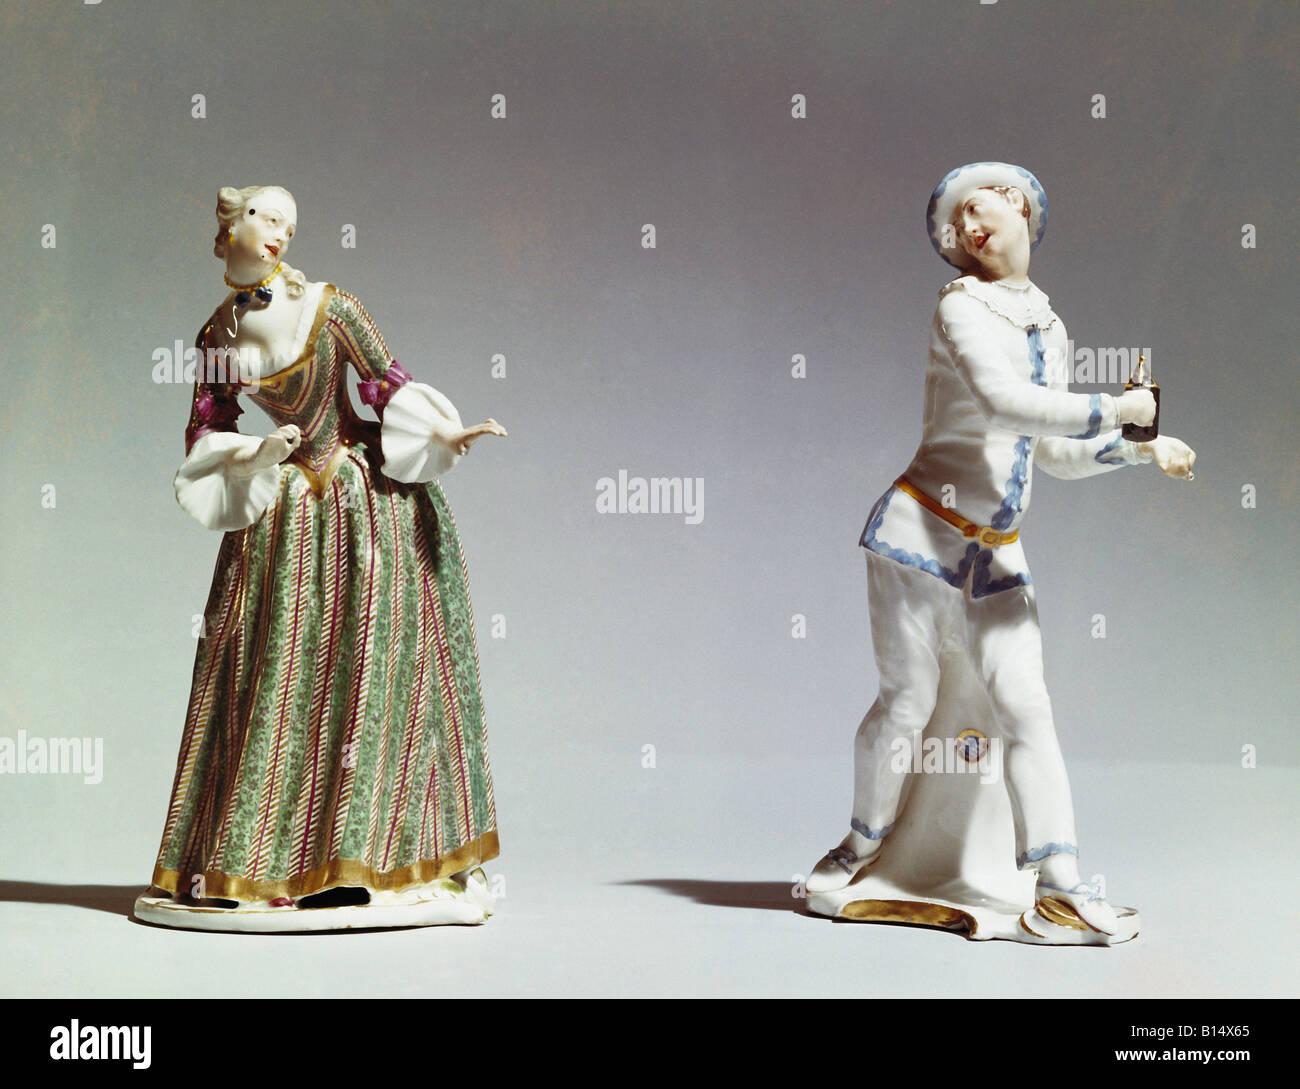 Belle arti, Bustelli Franz Anton (12.4.1723 - 18.4.1763), sculture, 'Isabella e Pierrot', circa 1750, porcellana, Immagini Stock